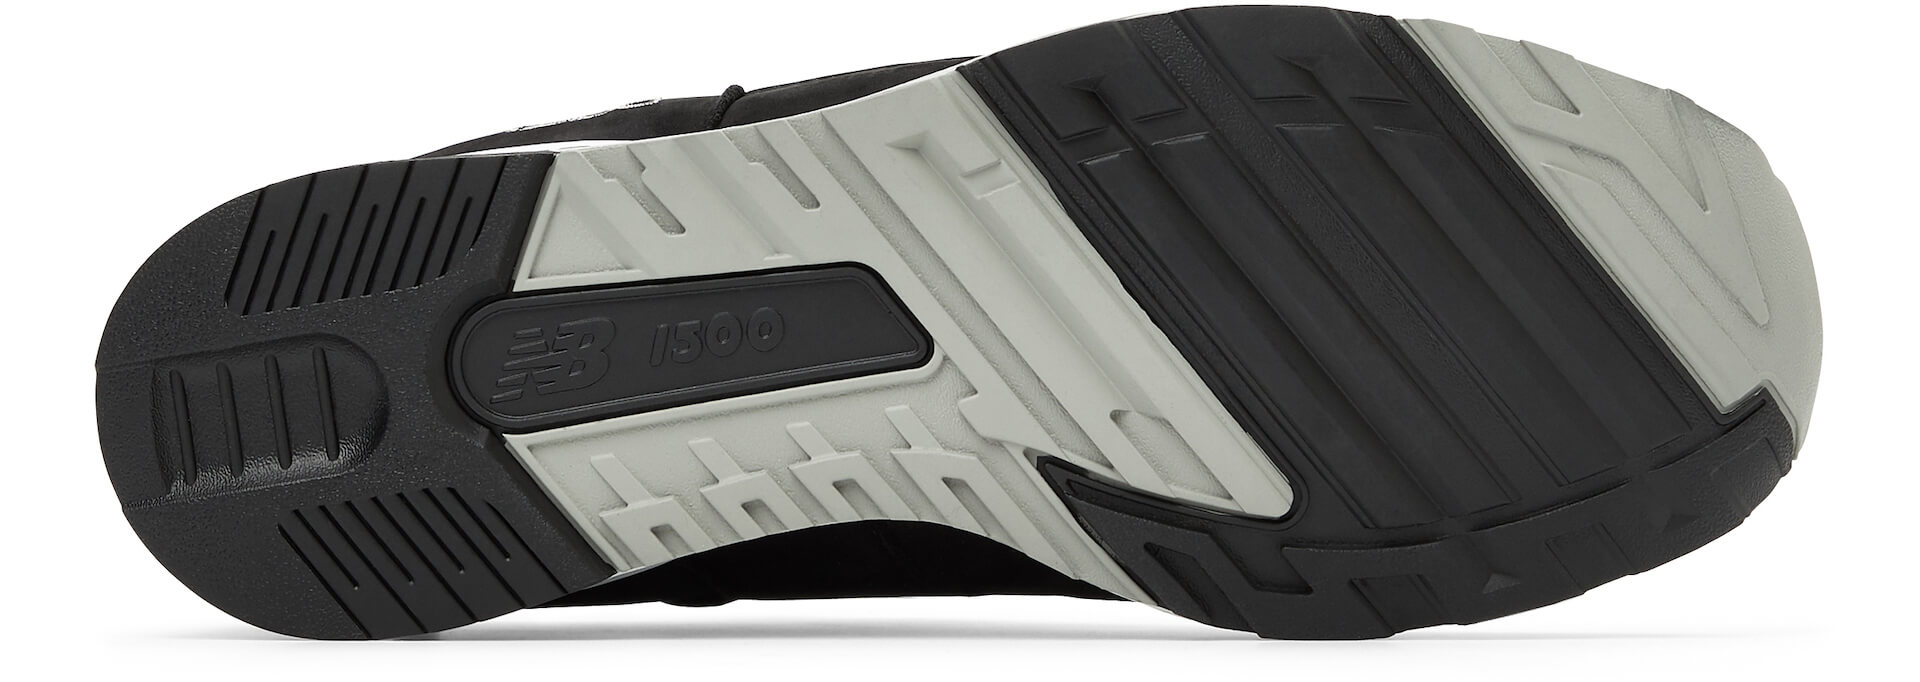 Made in U.K.のニューバランス人気モデル「M1500」のオフィシャルストア限定モデルが登場!ブラックとホワイトのコンビネーションカラー life210409_newbalance_1500_6